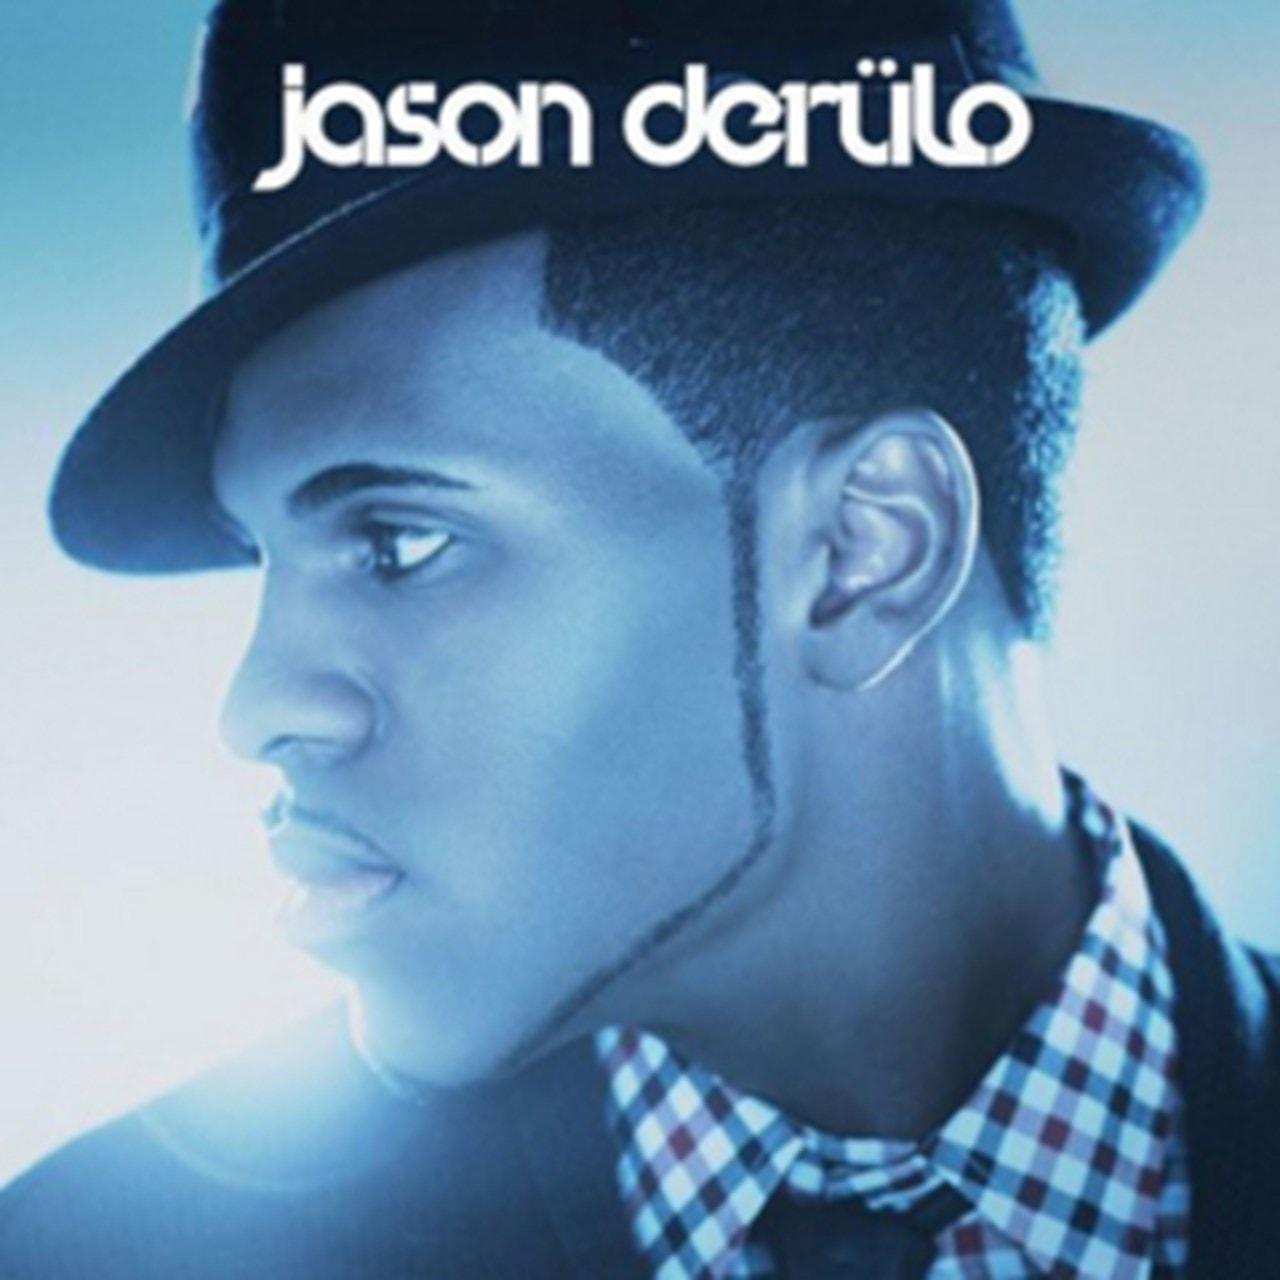 Jason Derulo - 1